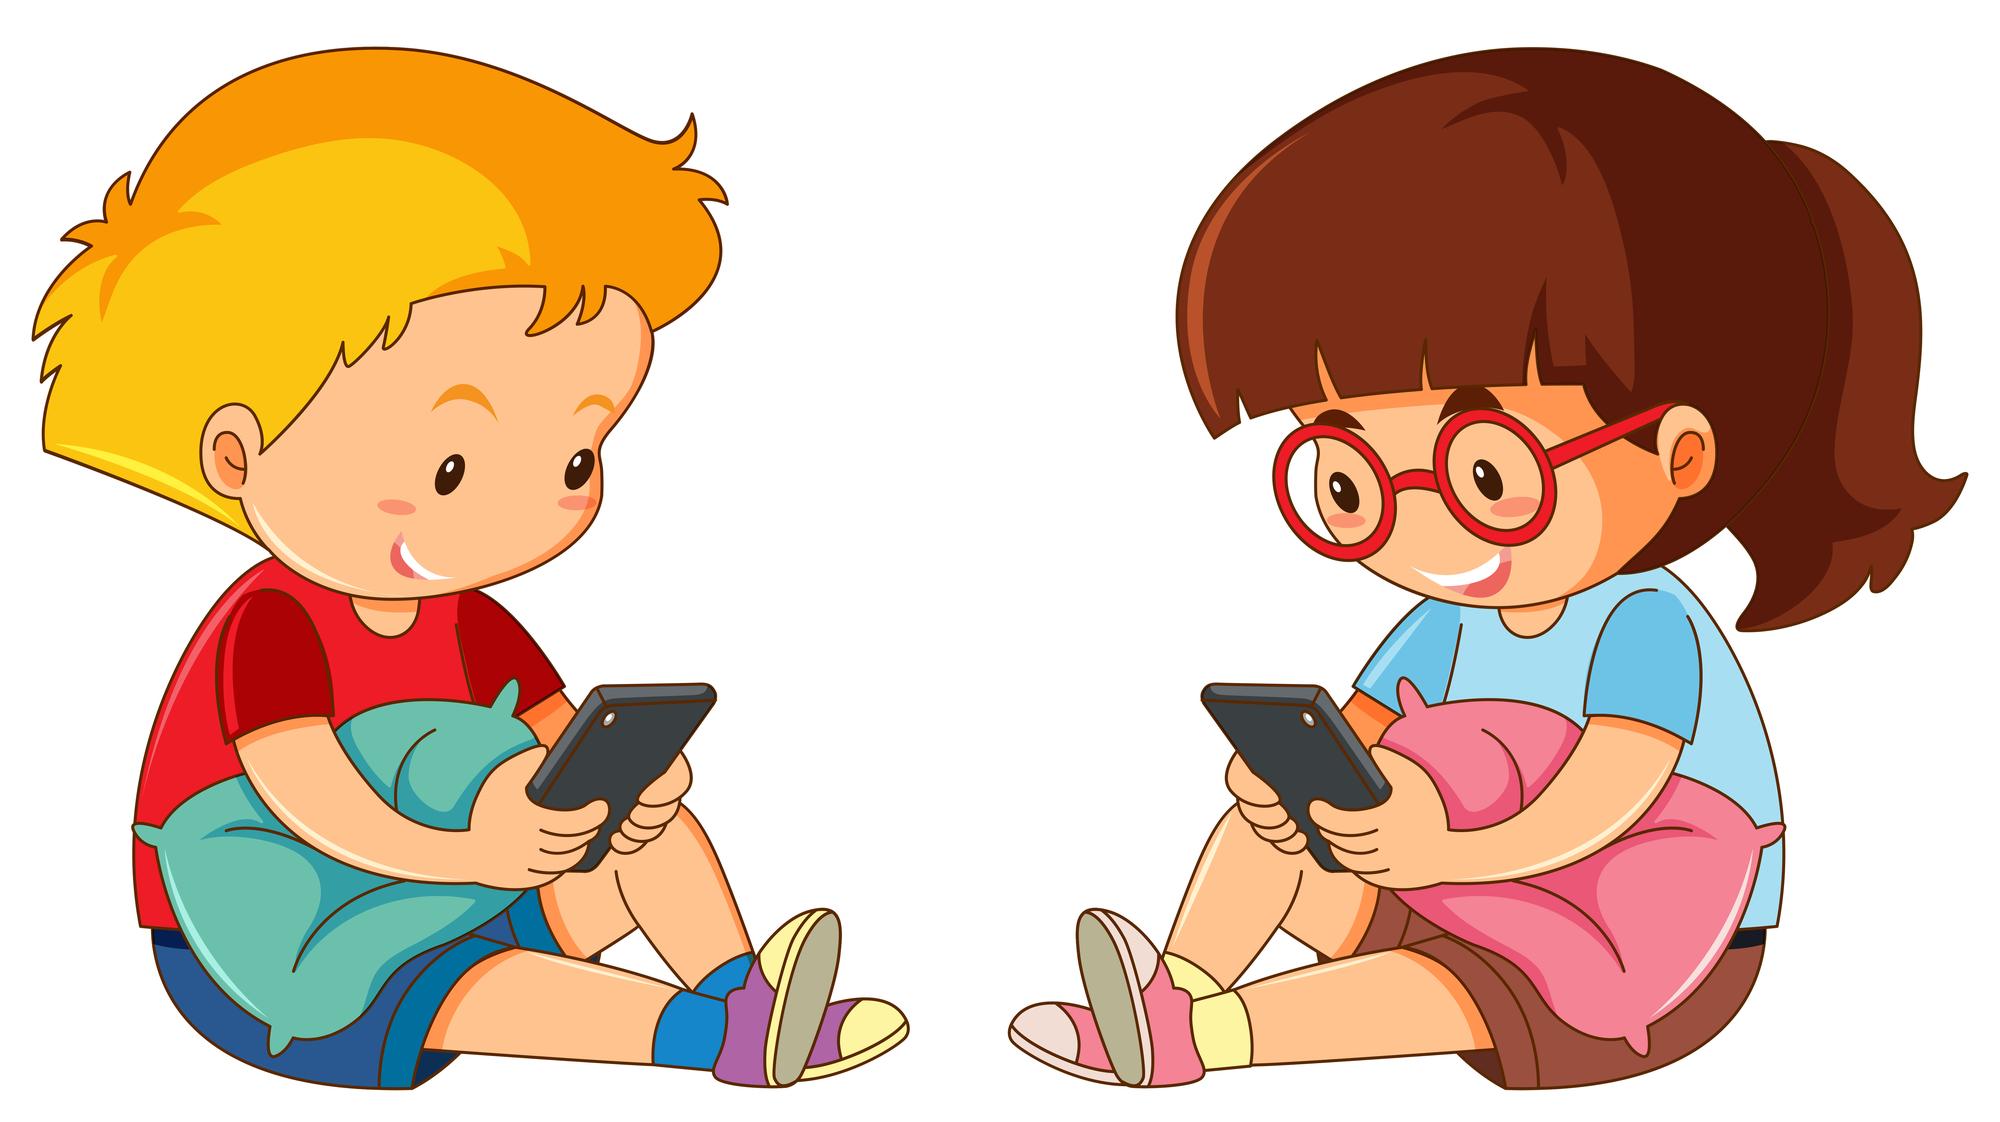 Чем больше времени ребёнок проводит за экраном, тем меньше унего шансов страдать от депрессии итревожности ибольше близких друзей, считают американские исследователи.